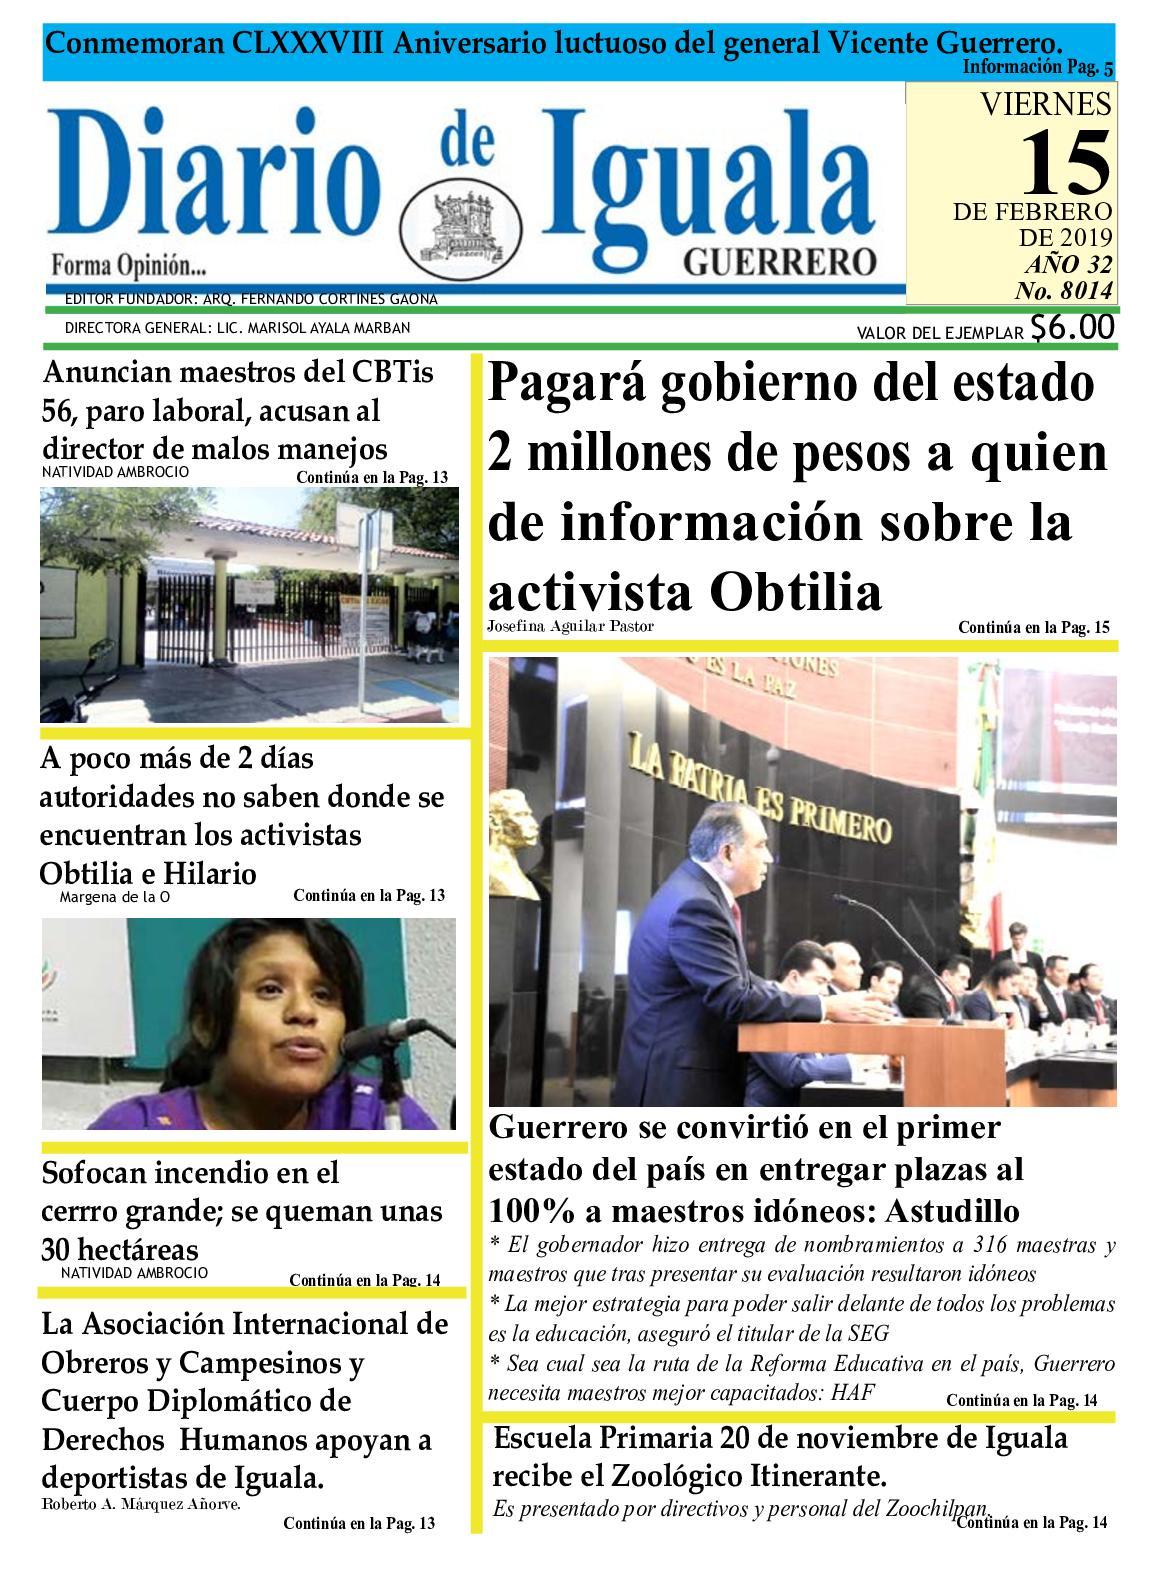 Viernes 15 De Febrero De 2019 Periodico Diario De Iguala